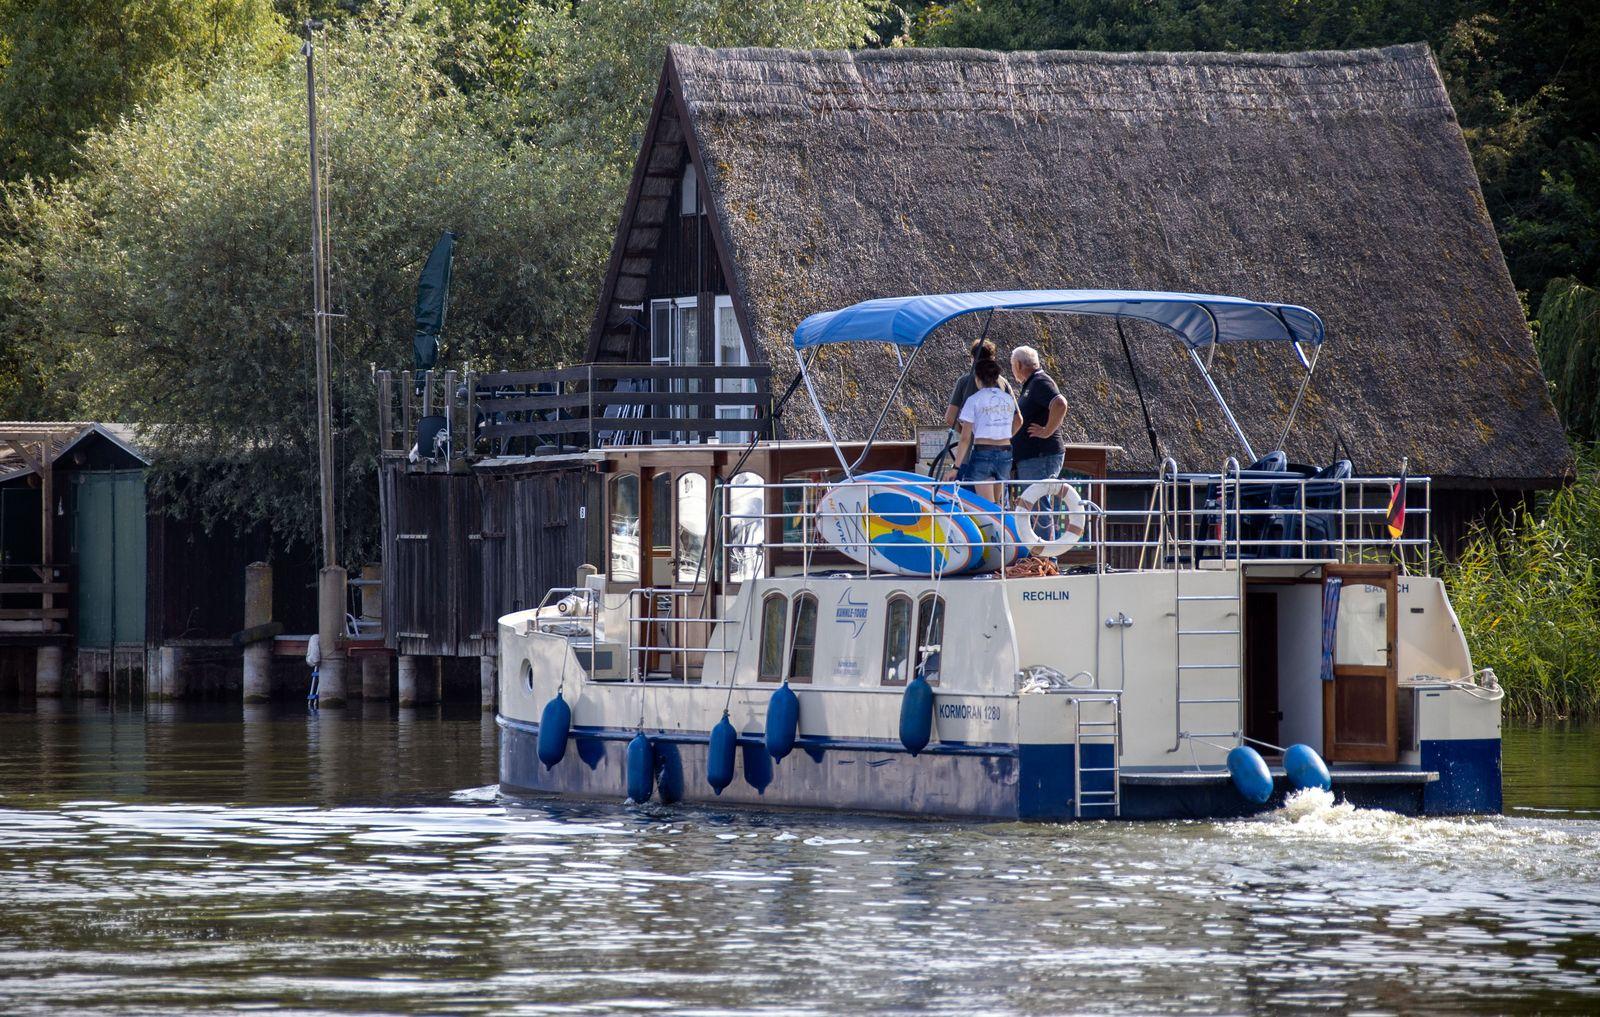 Nachfrageboom bei Hausbooten